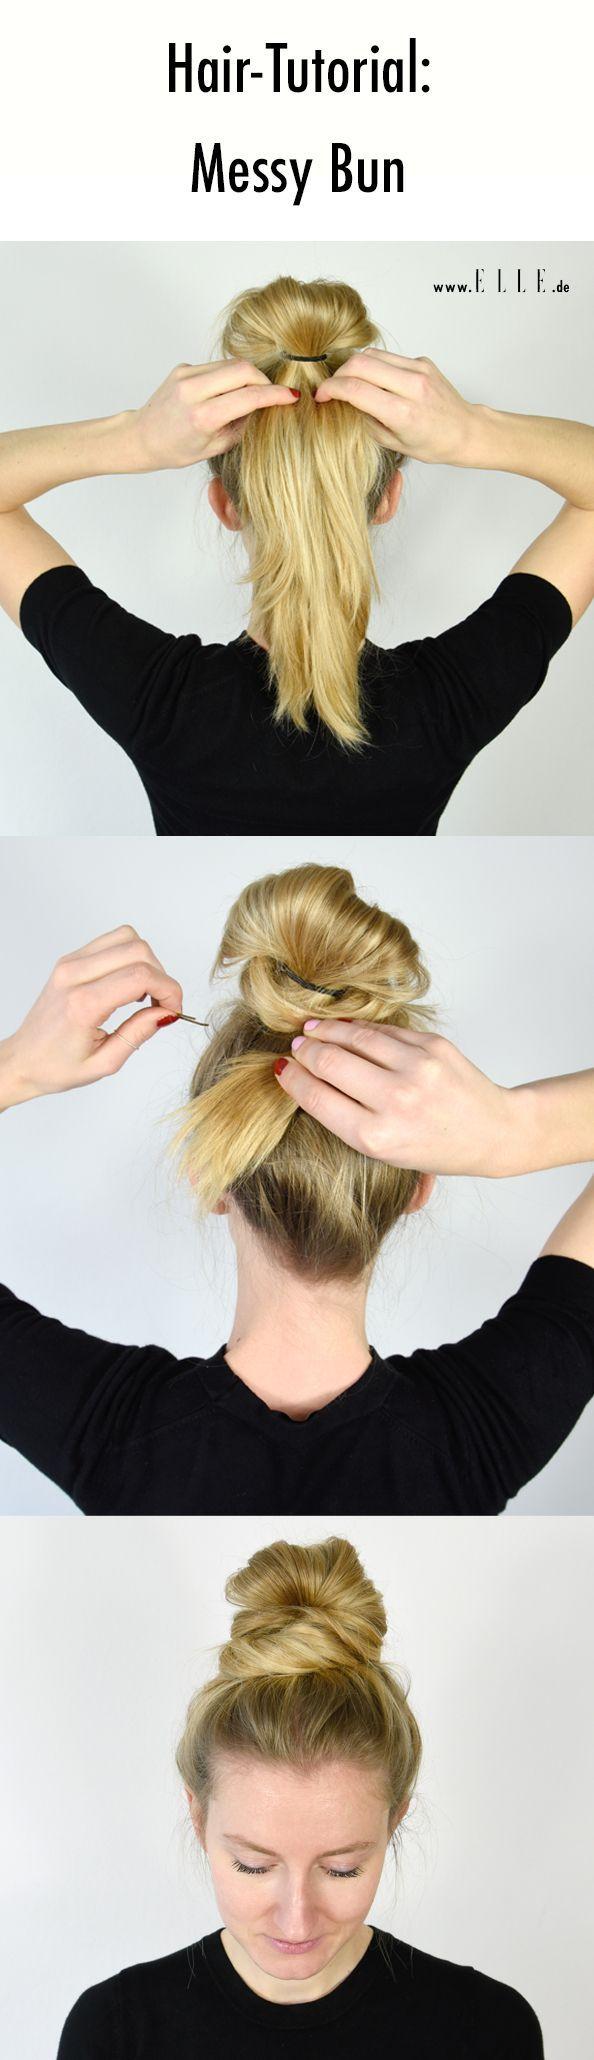 Drei schnelle Frisuren, die jeder Frau stehen | ELLE